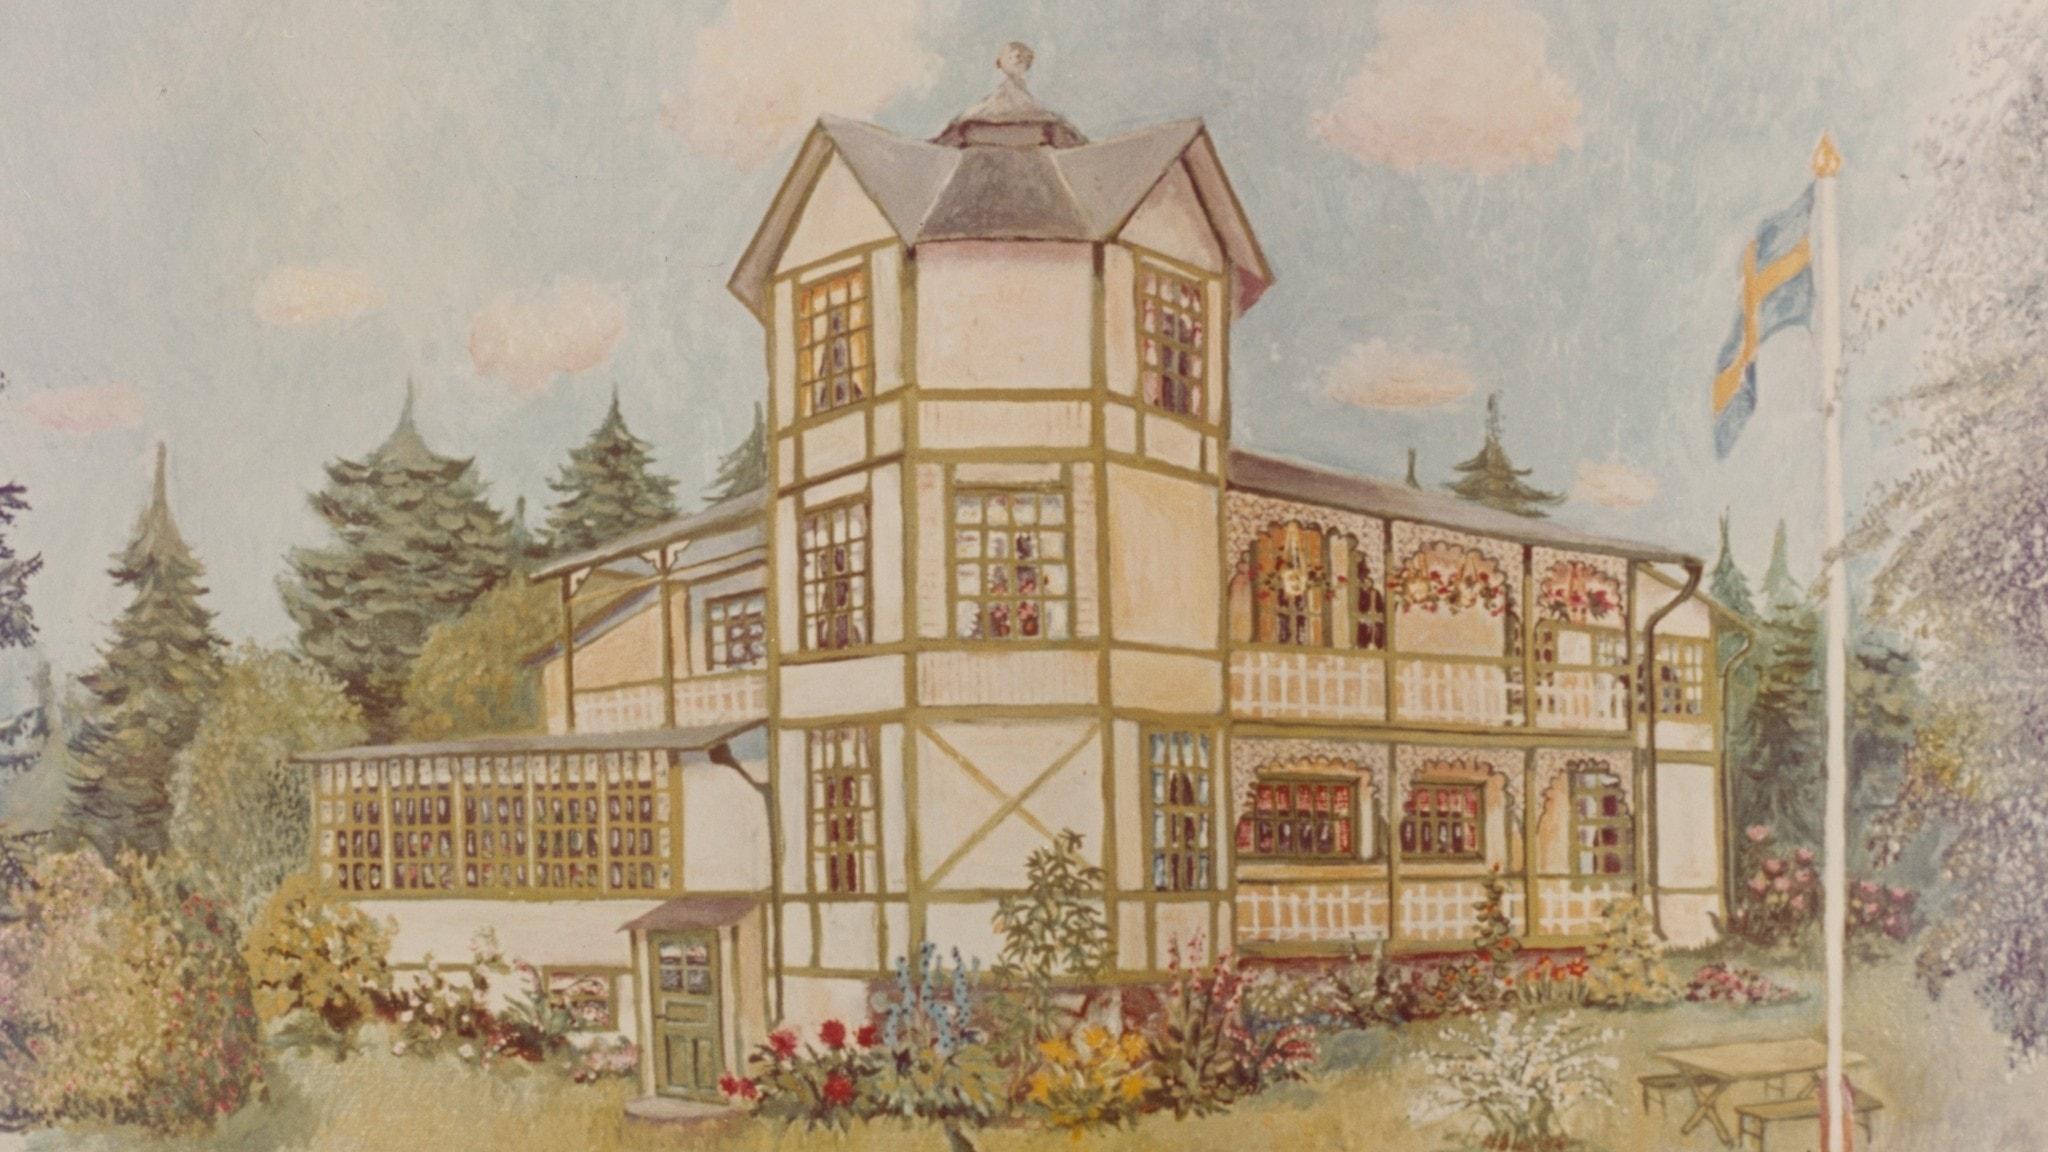 En illustration av Paradistorg, huset i Gunnel Lindbloms film från 1977.